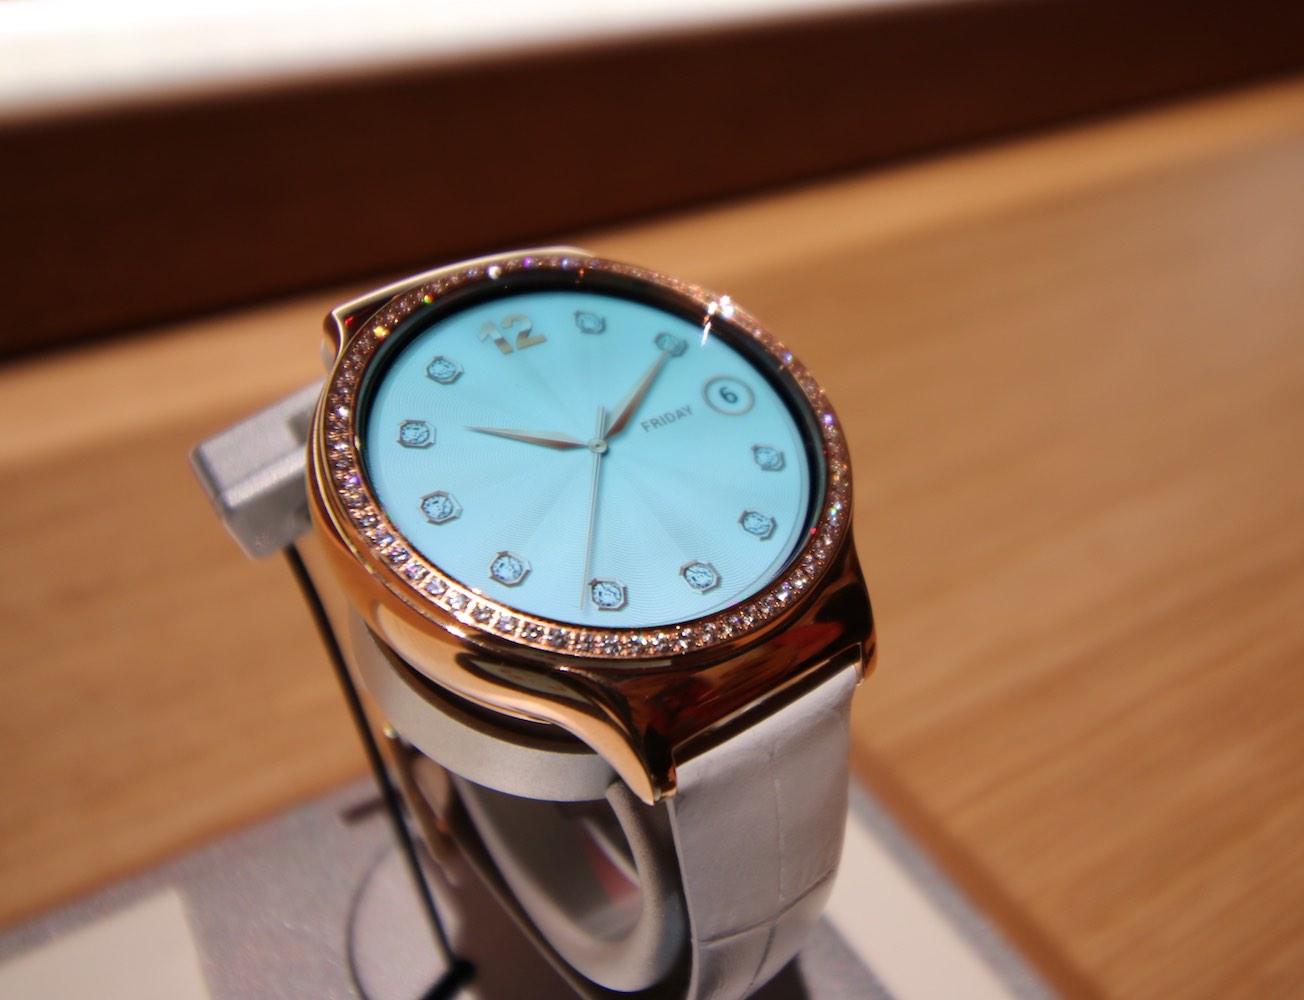 huawei-watch-fashionable-smartwatches-01